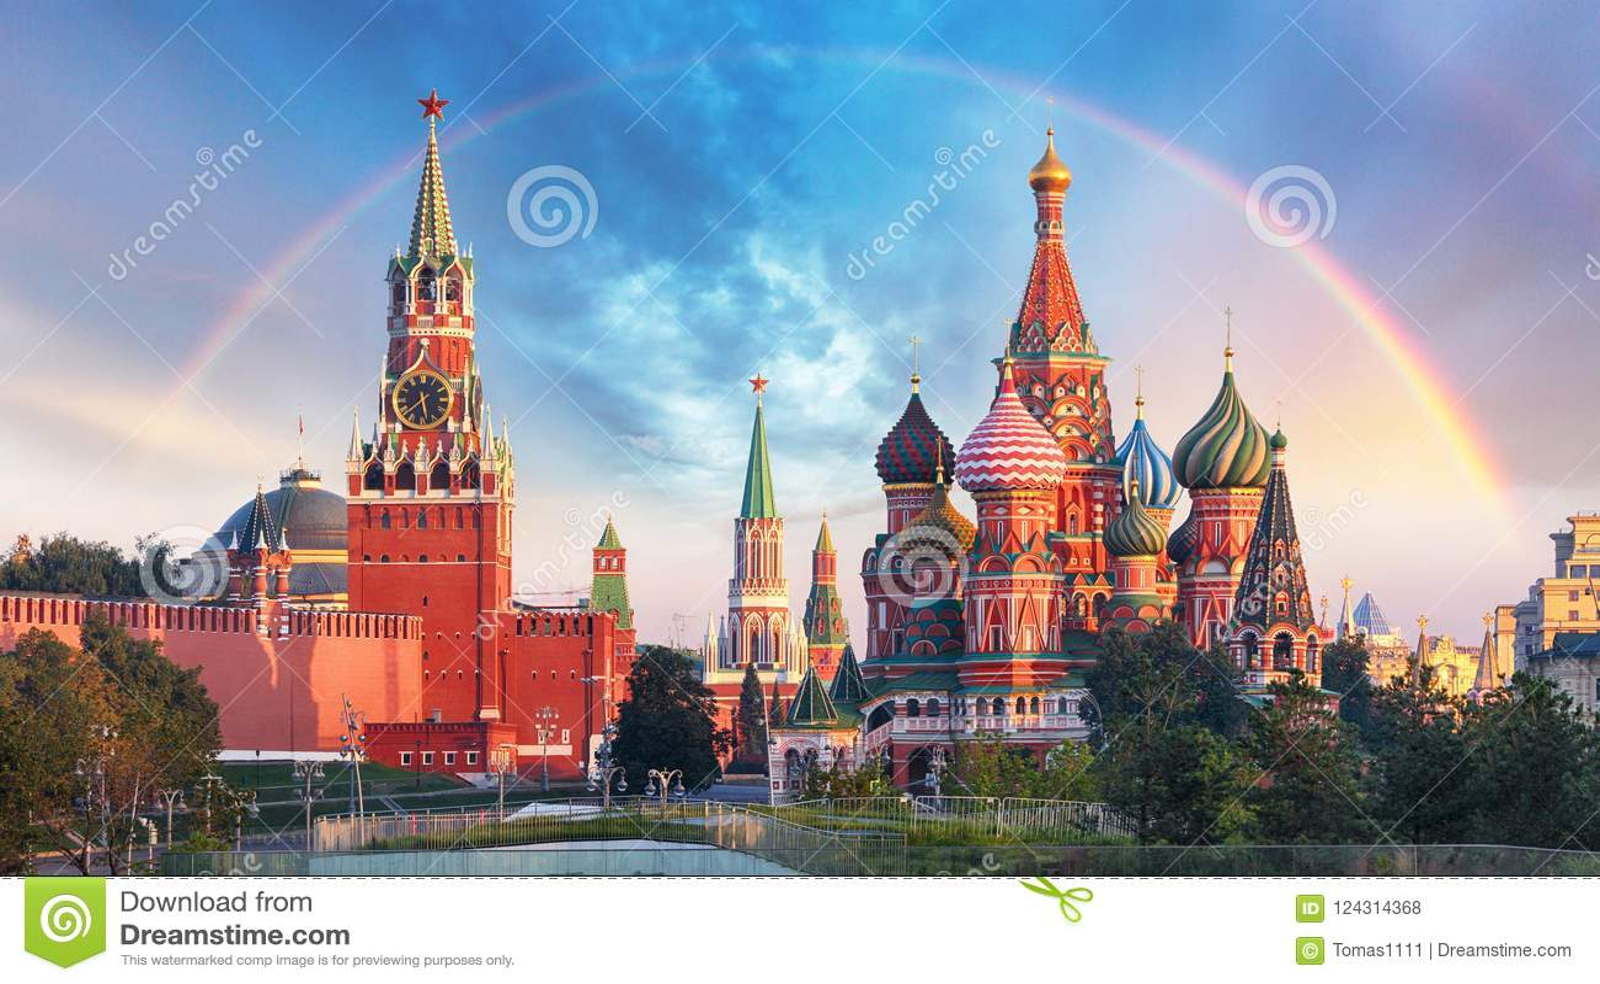 Moskwa - Panoramiczny widok plac czerwony z Moskwa Kremlin